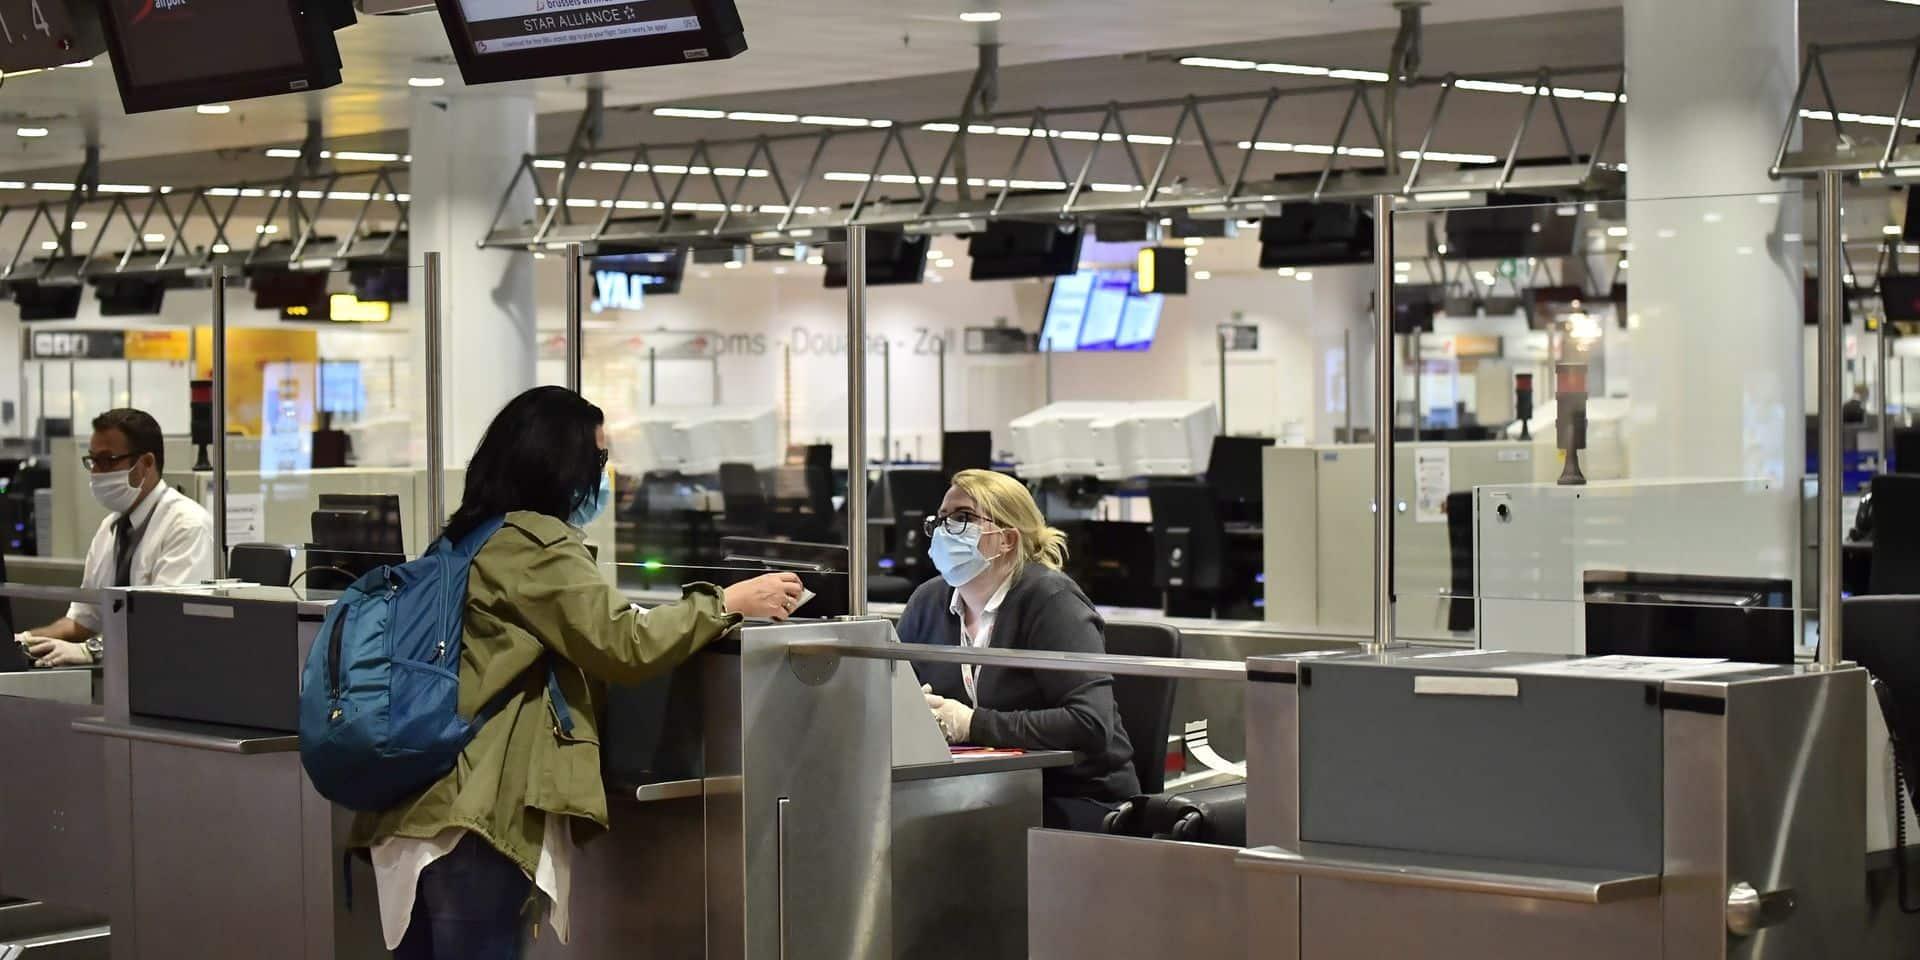 Décision judiciaire dans quelques jours sur une demande d'obliger un testing aux aéroports